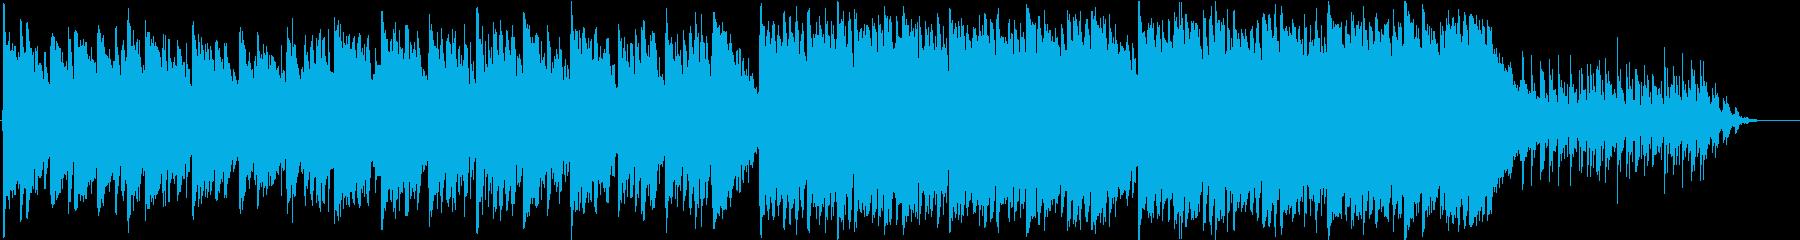 感動的&幻想的なオリエンタルエレクトロの再生済みの波形